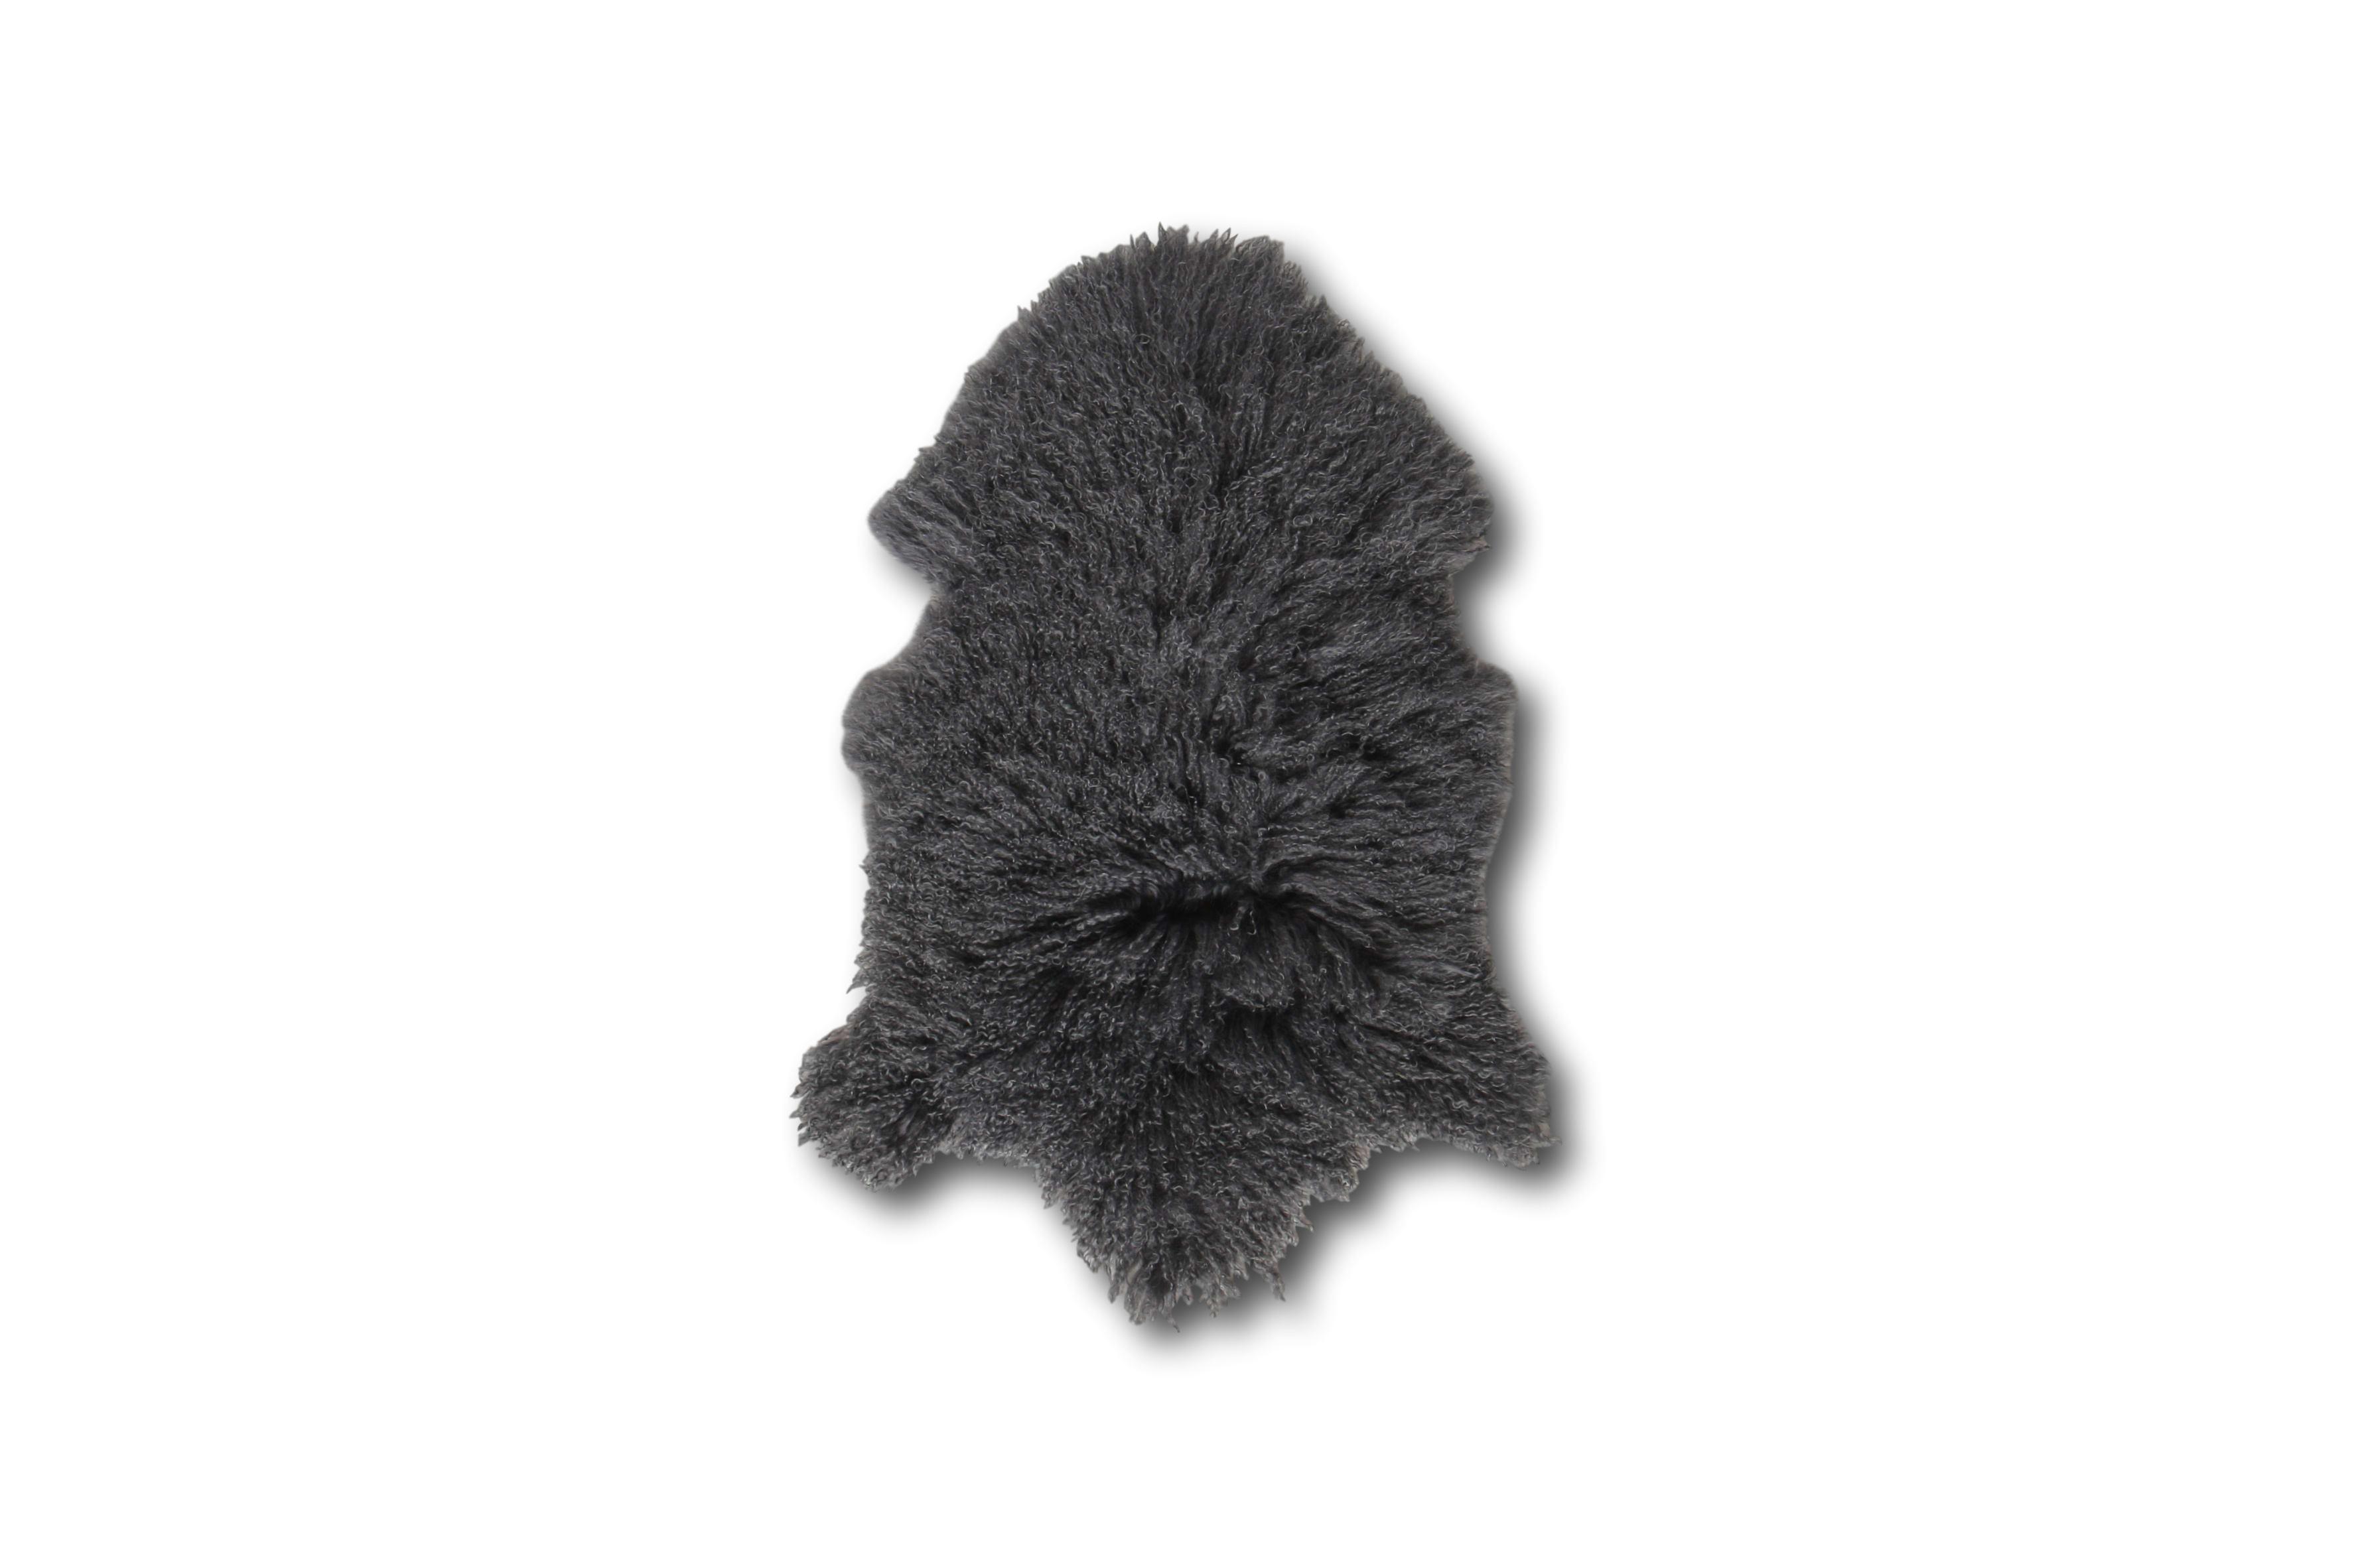 Esbeco Tapis en peau de mouton tibétain curl gris foncé 80x50